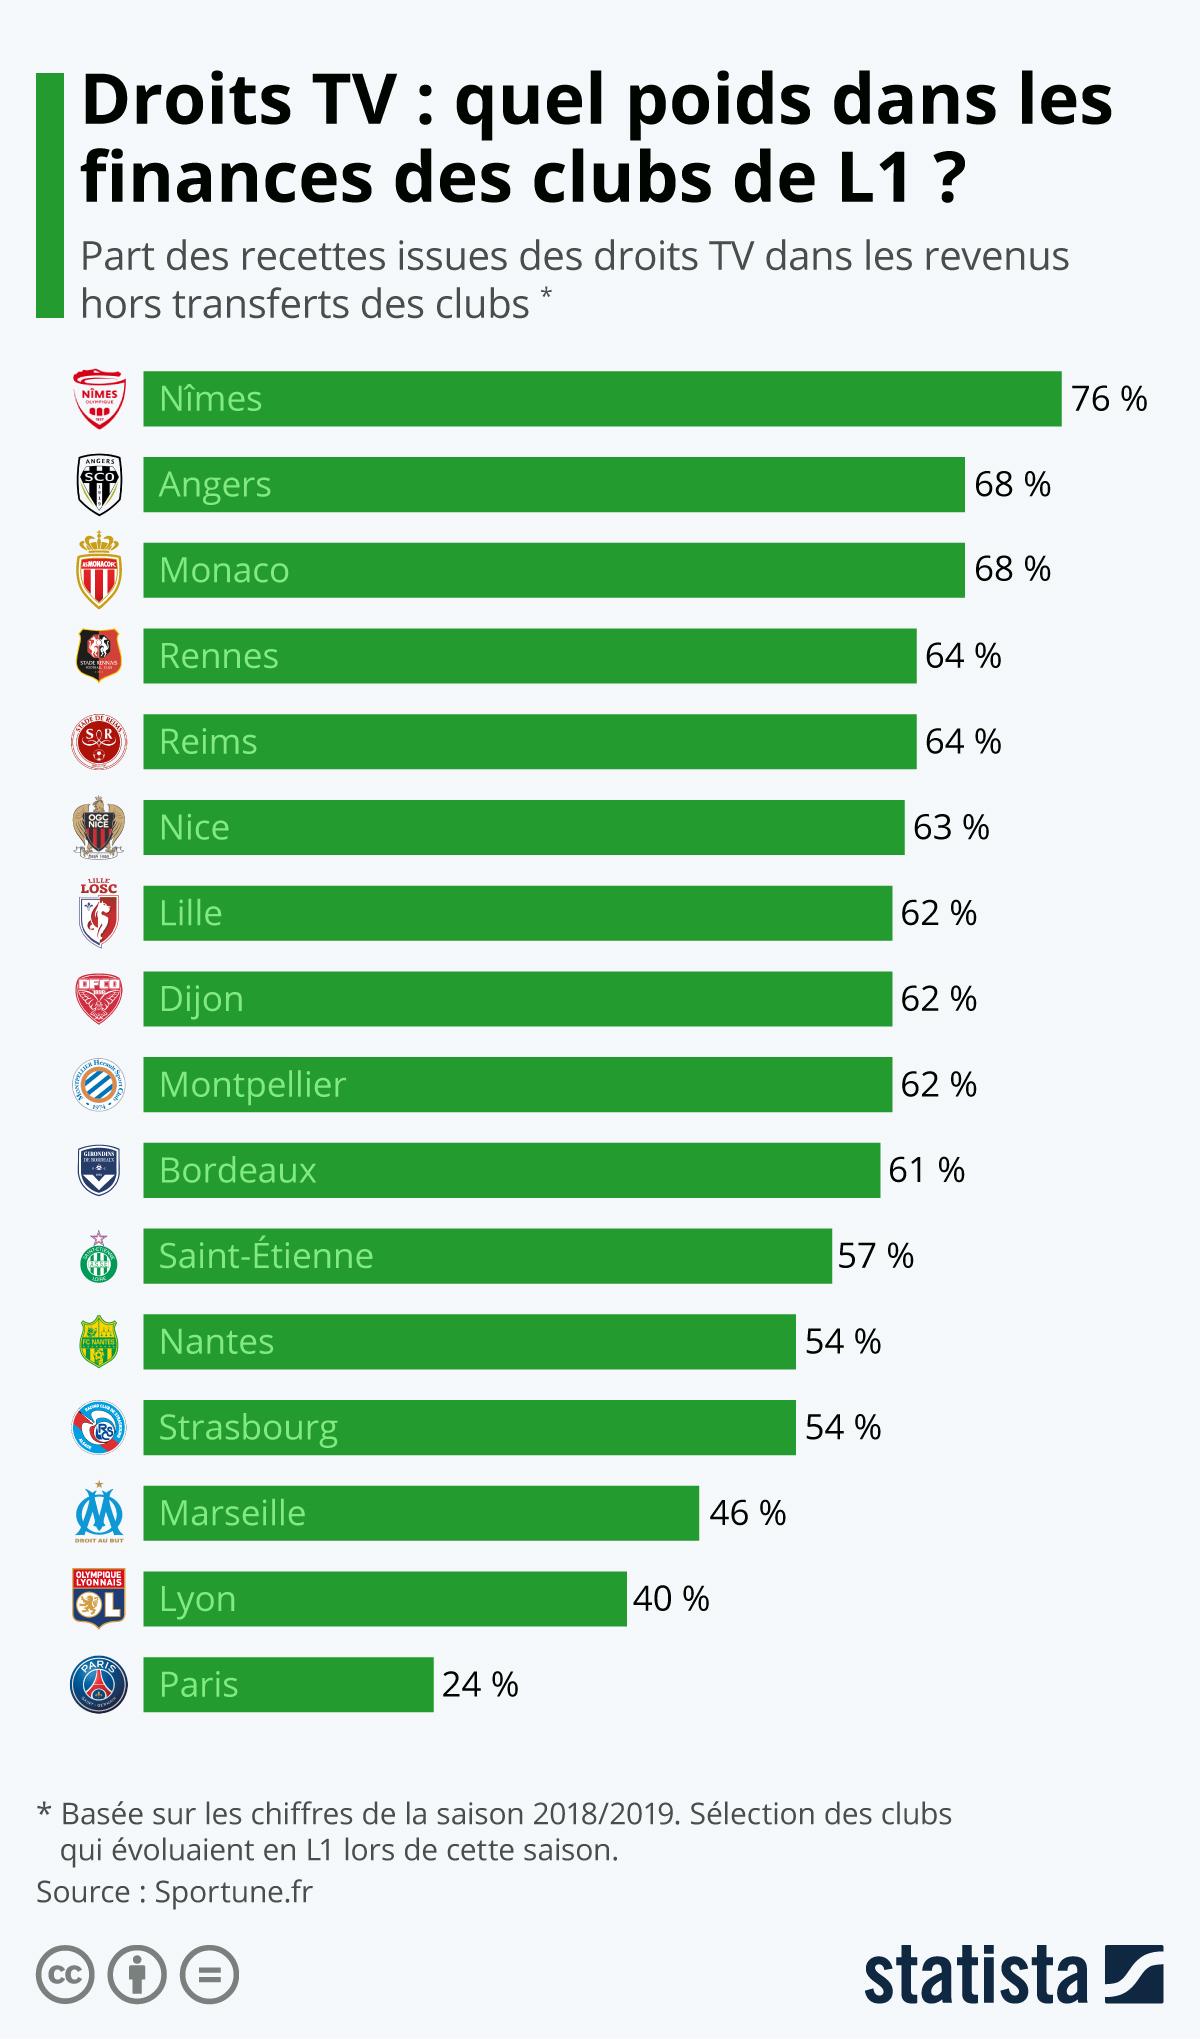 Infographie: Droits TV : quel poids dans les finances des clubs de L1 ? | Statista